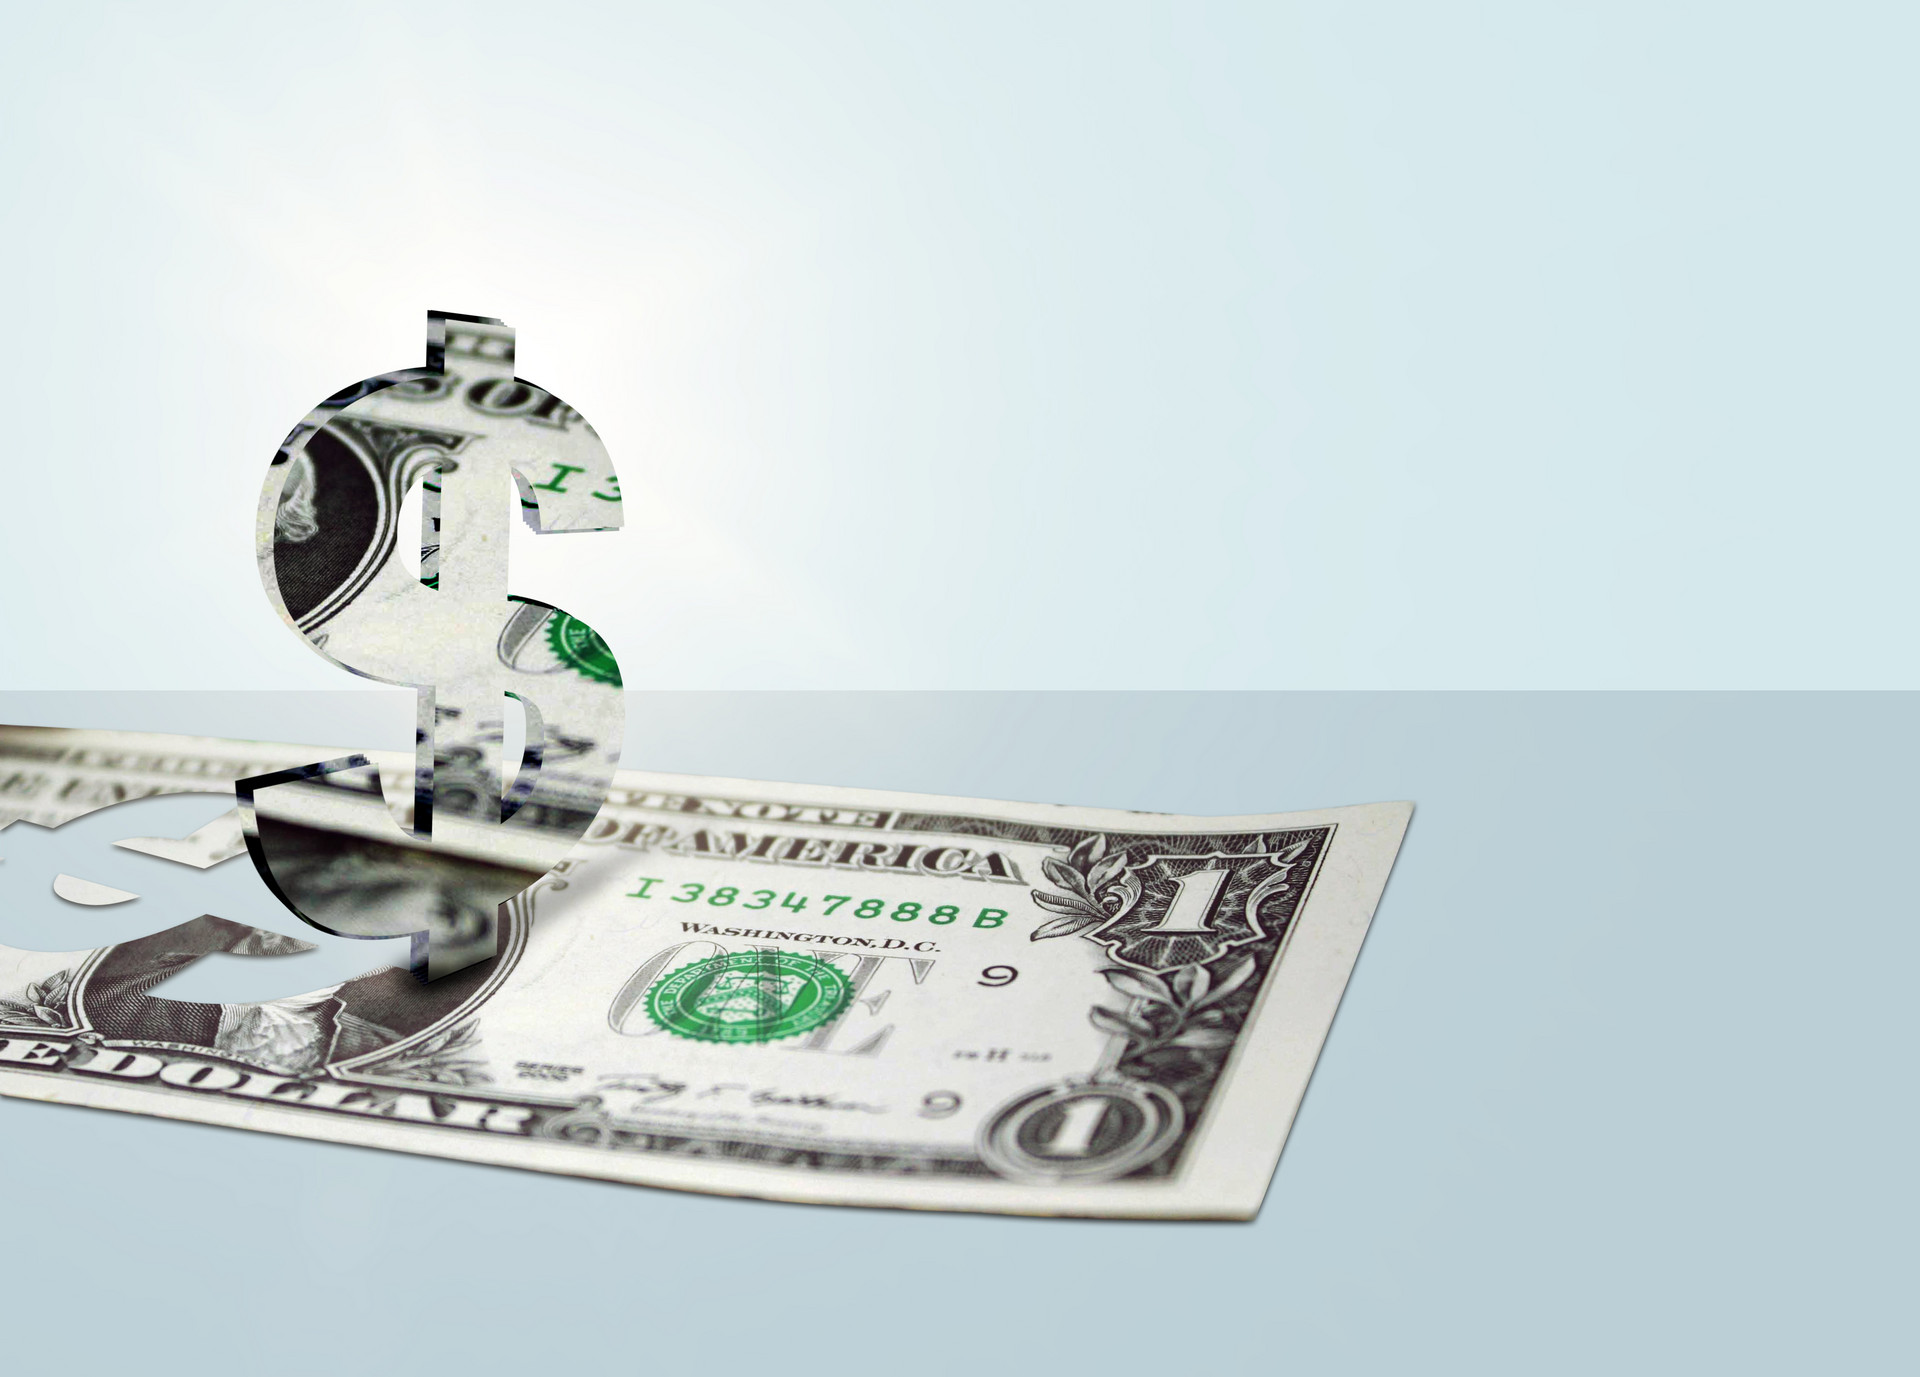 代发薪资合法吗:遵守相关规定不涉及违法